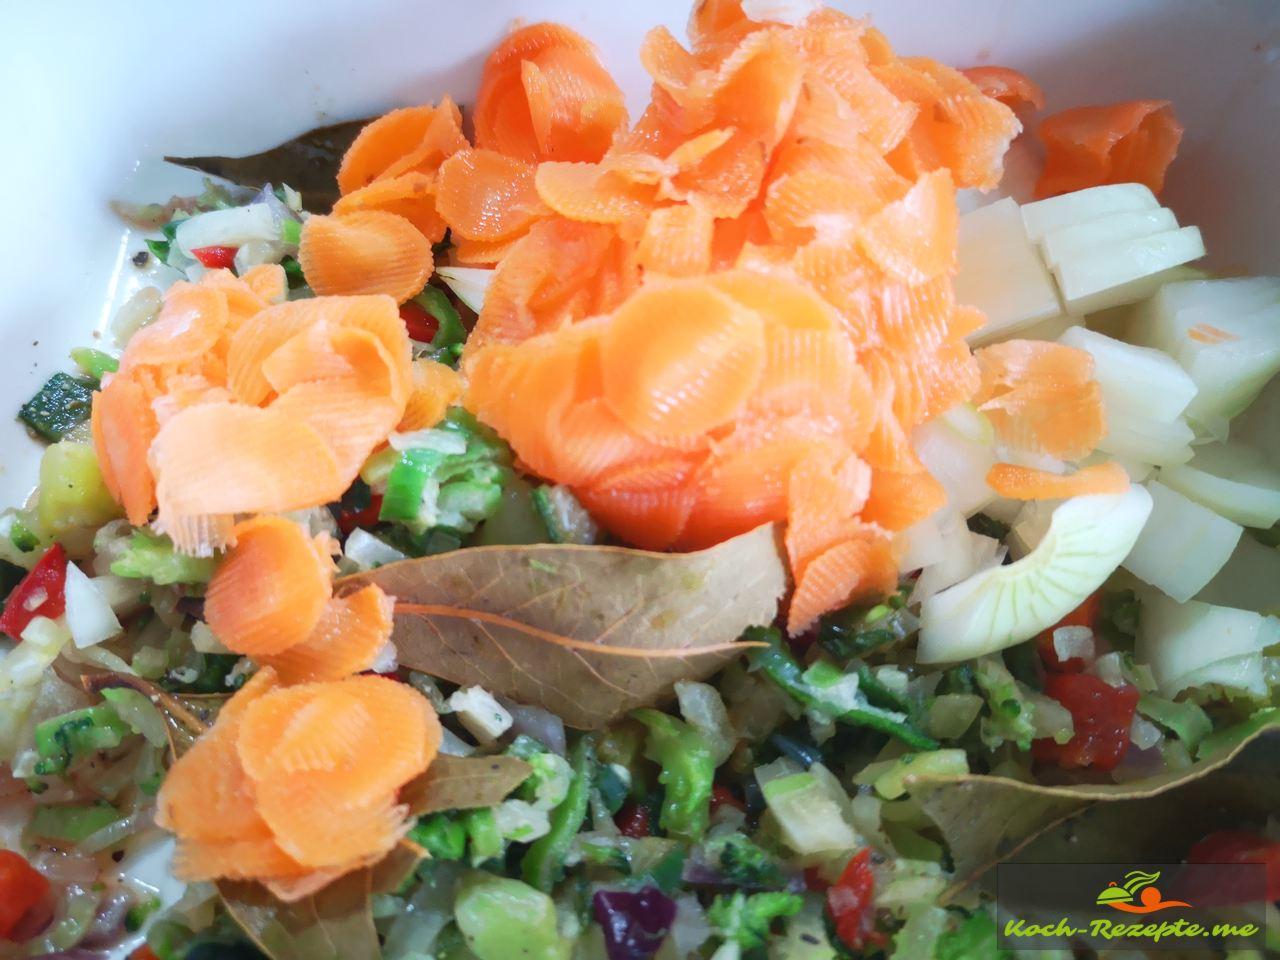 Wurzelgemüse klein geschnitten für die Suppe